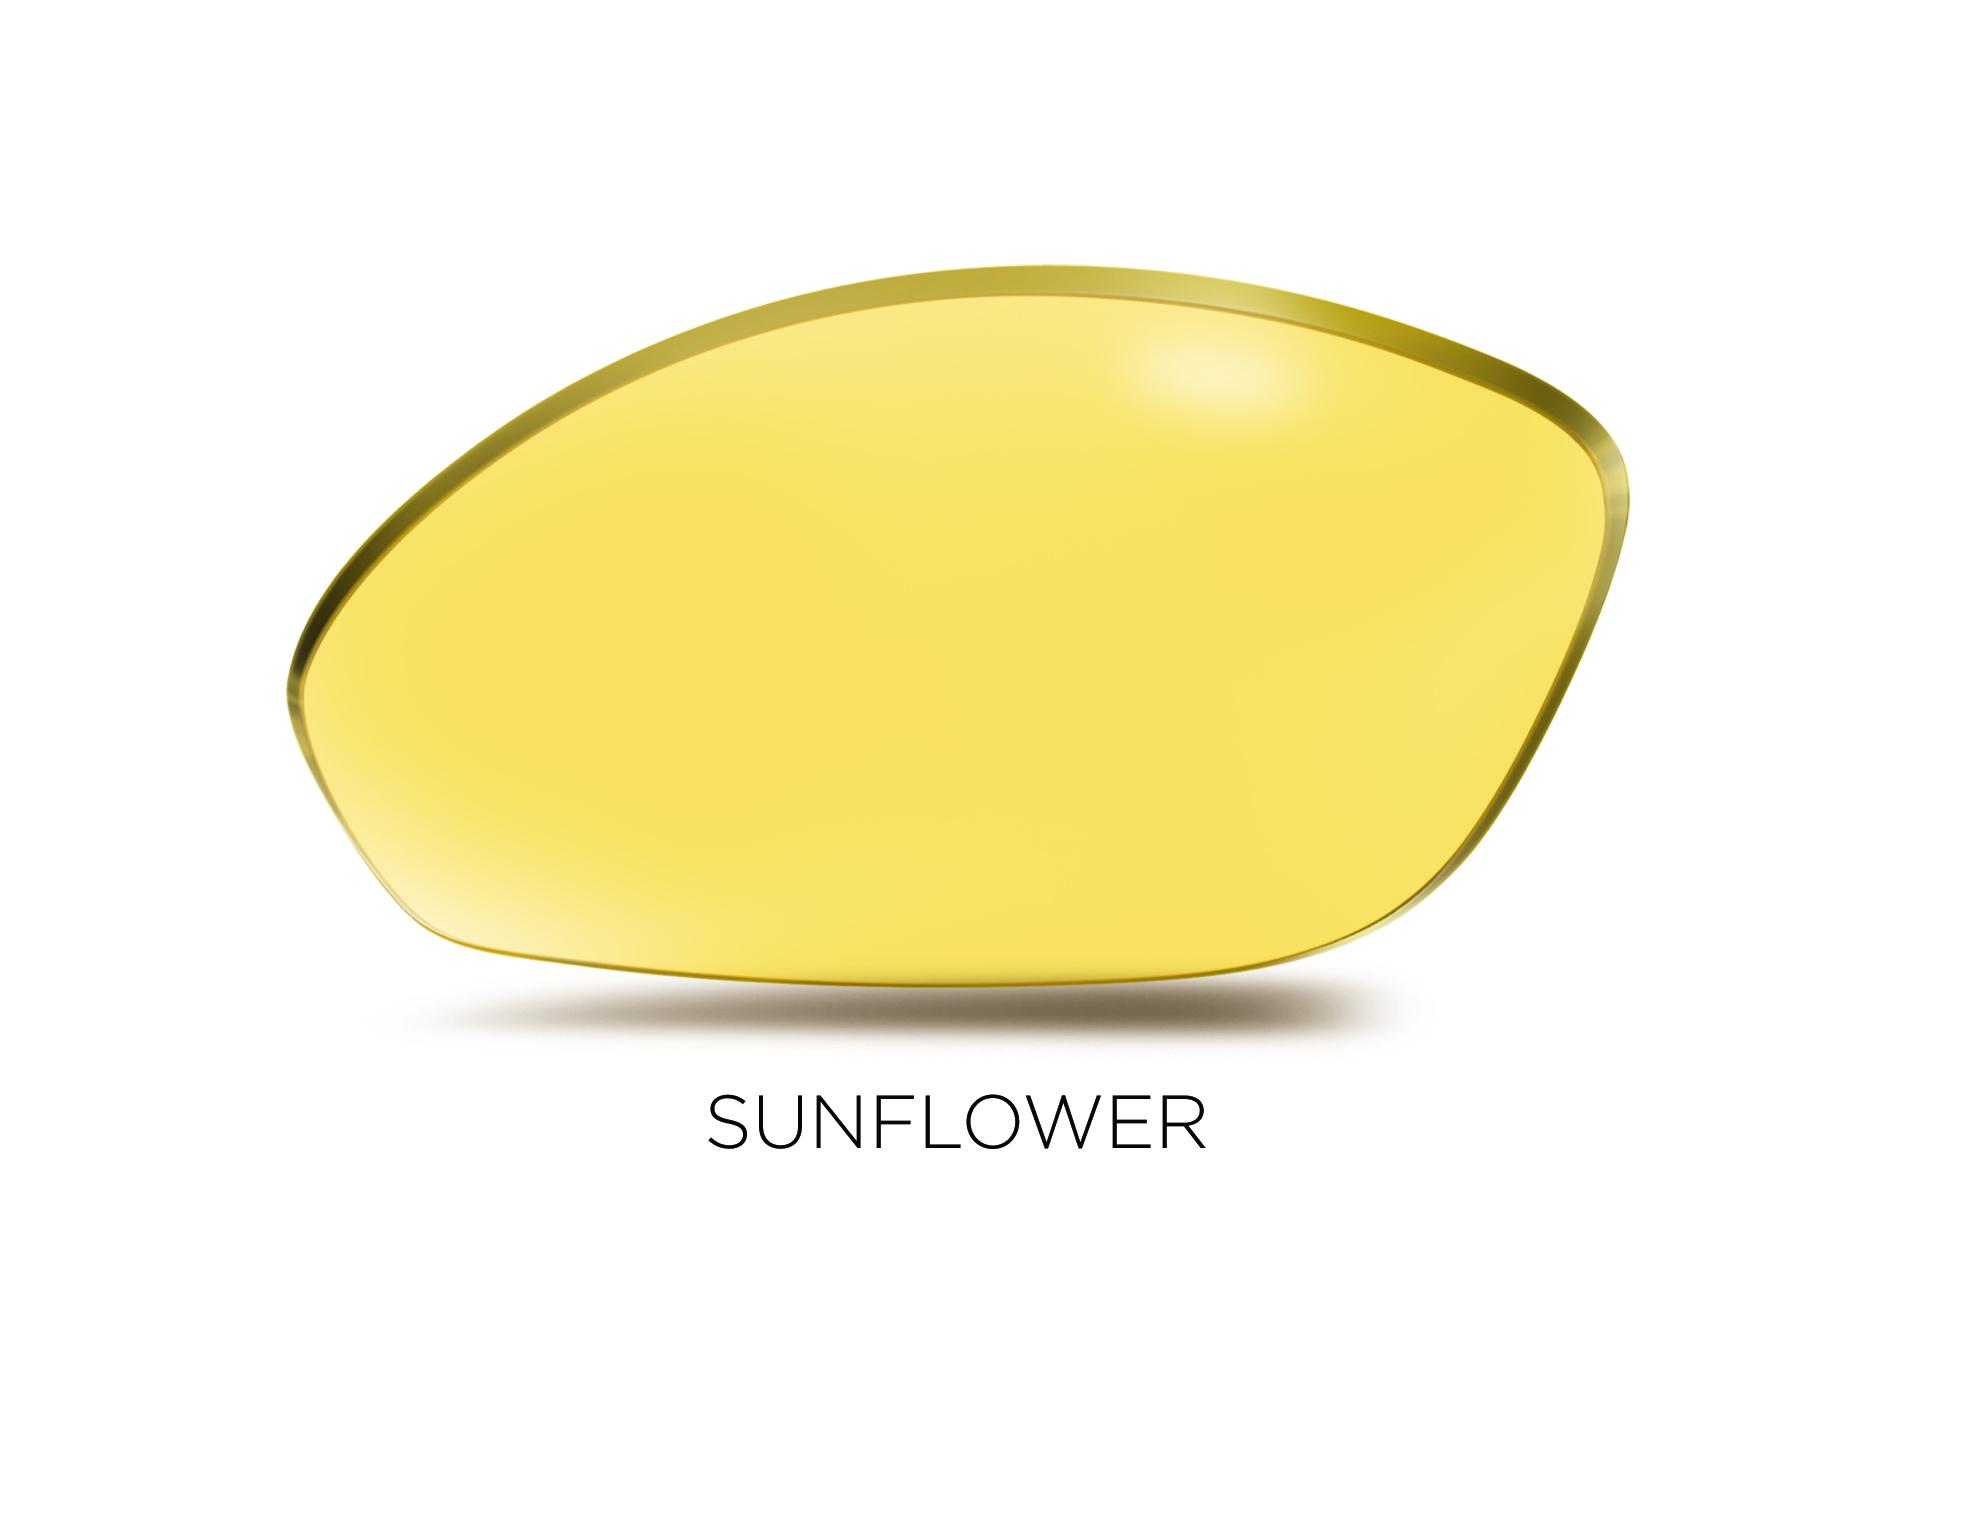 Sunflower_lens_PRINT